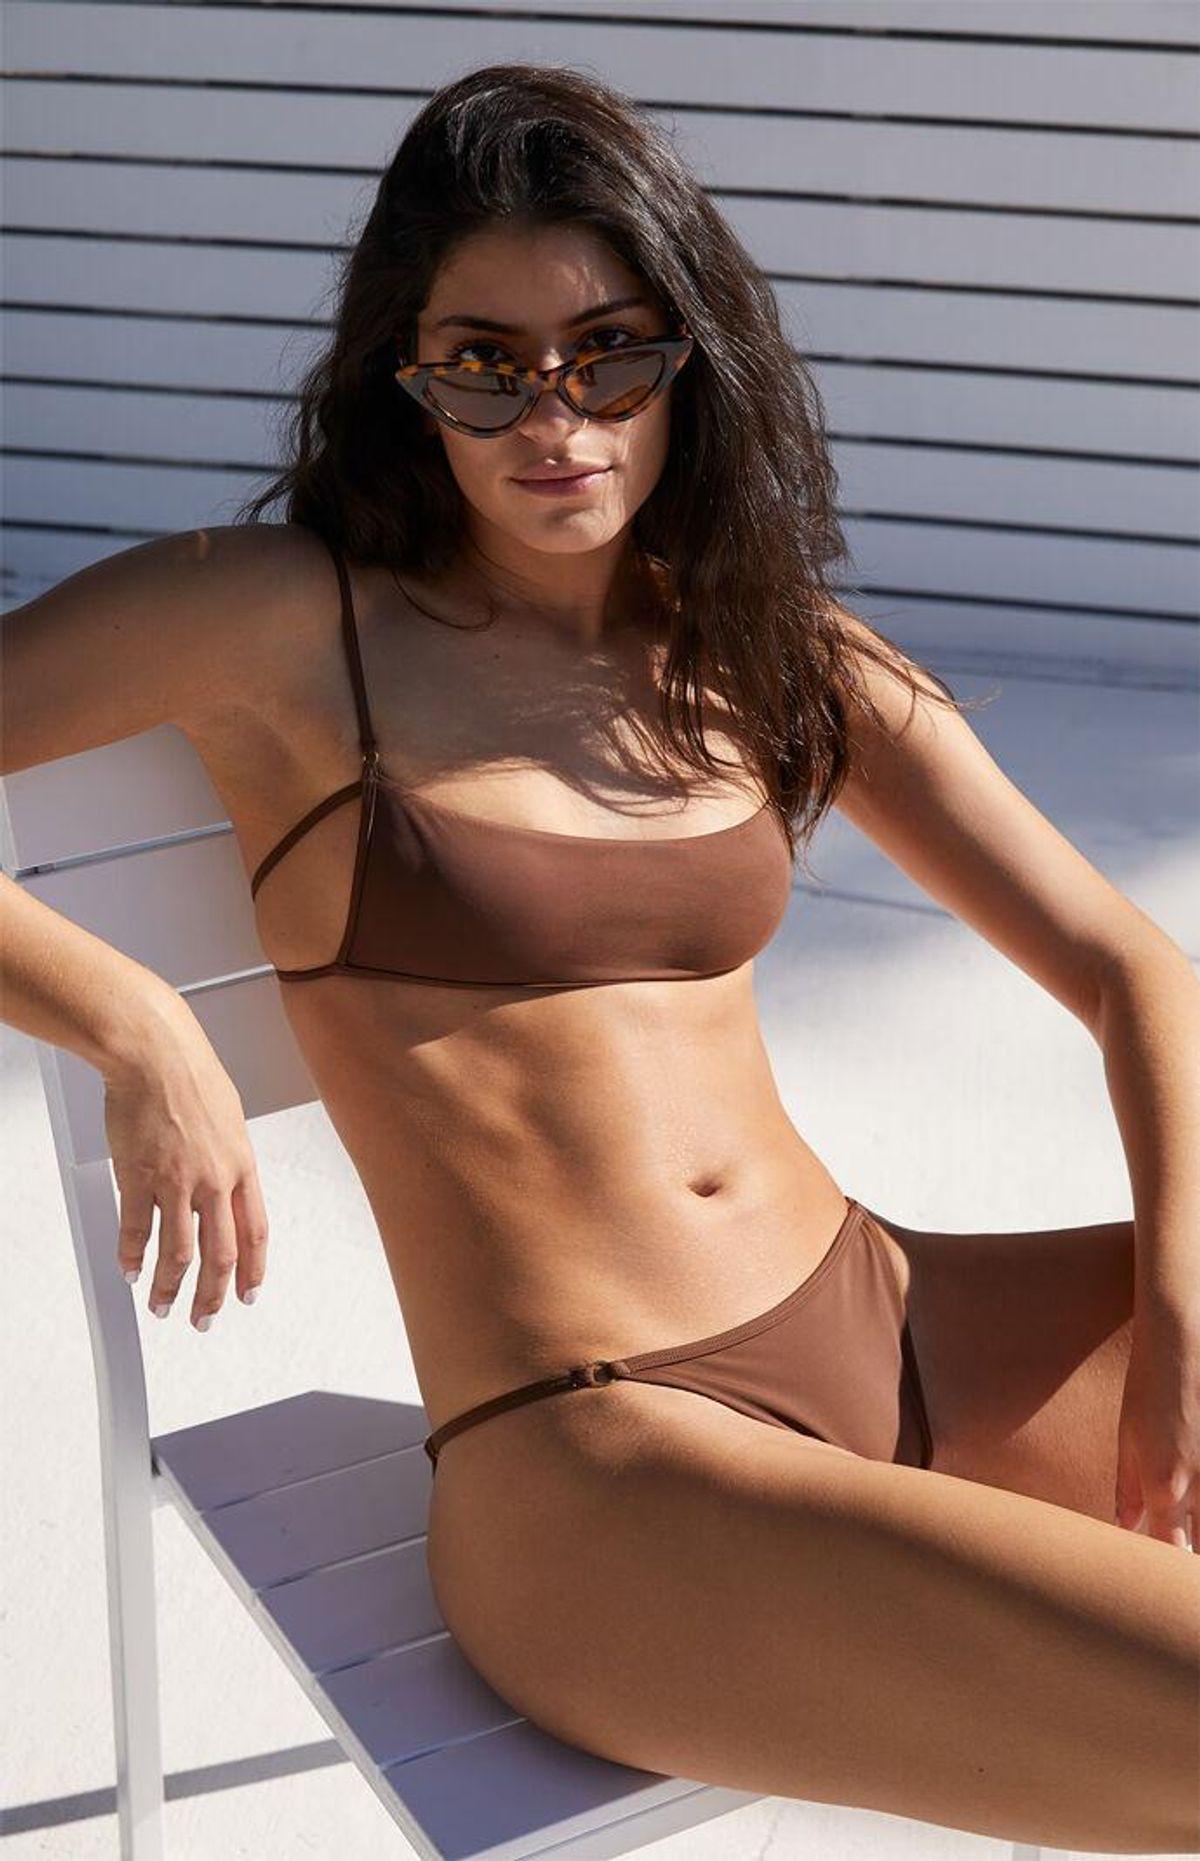 la hearts by pacsun drea ring balconette bikini top